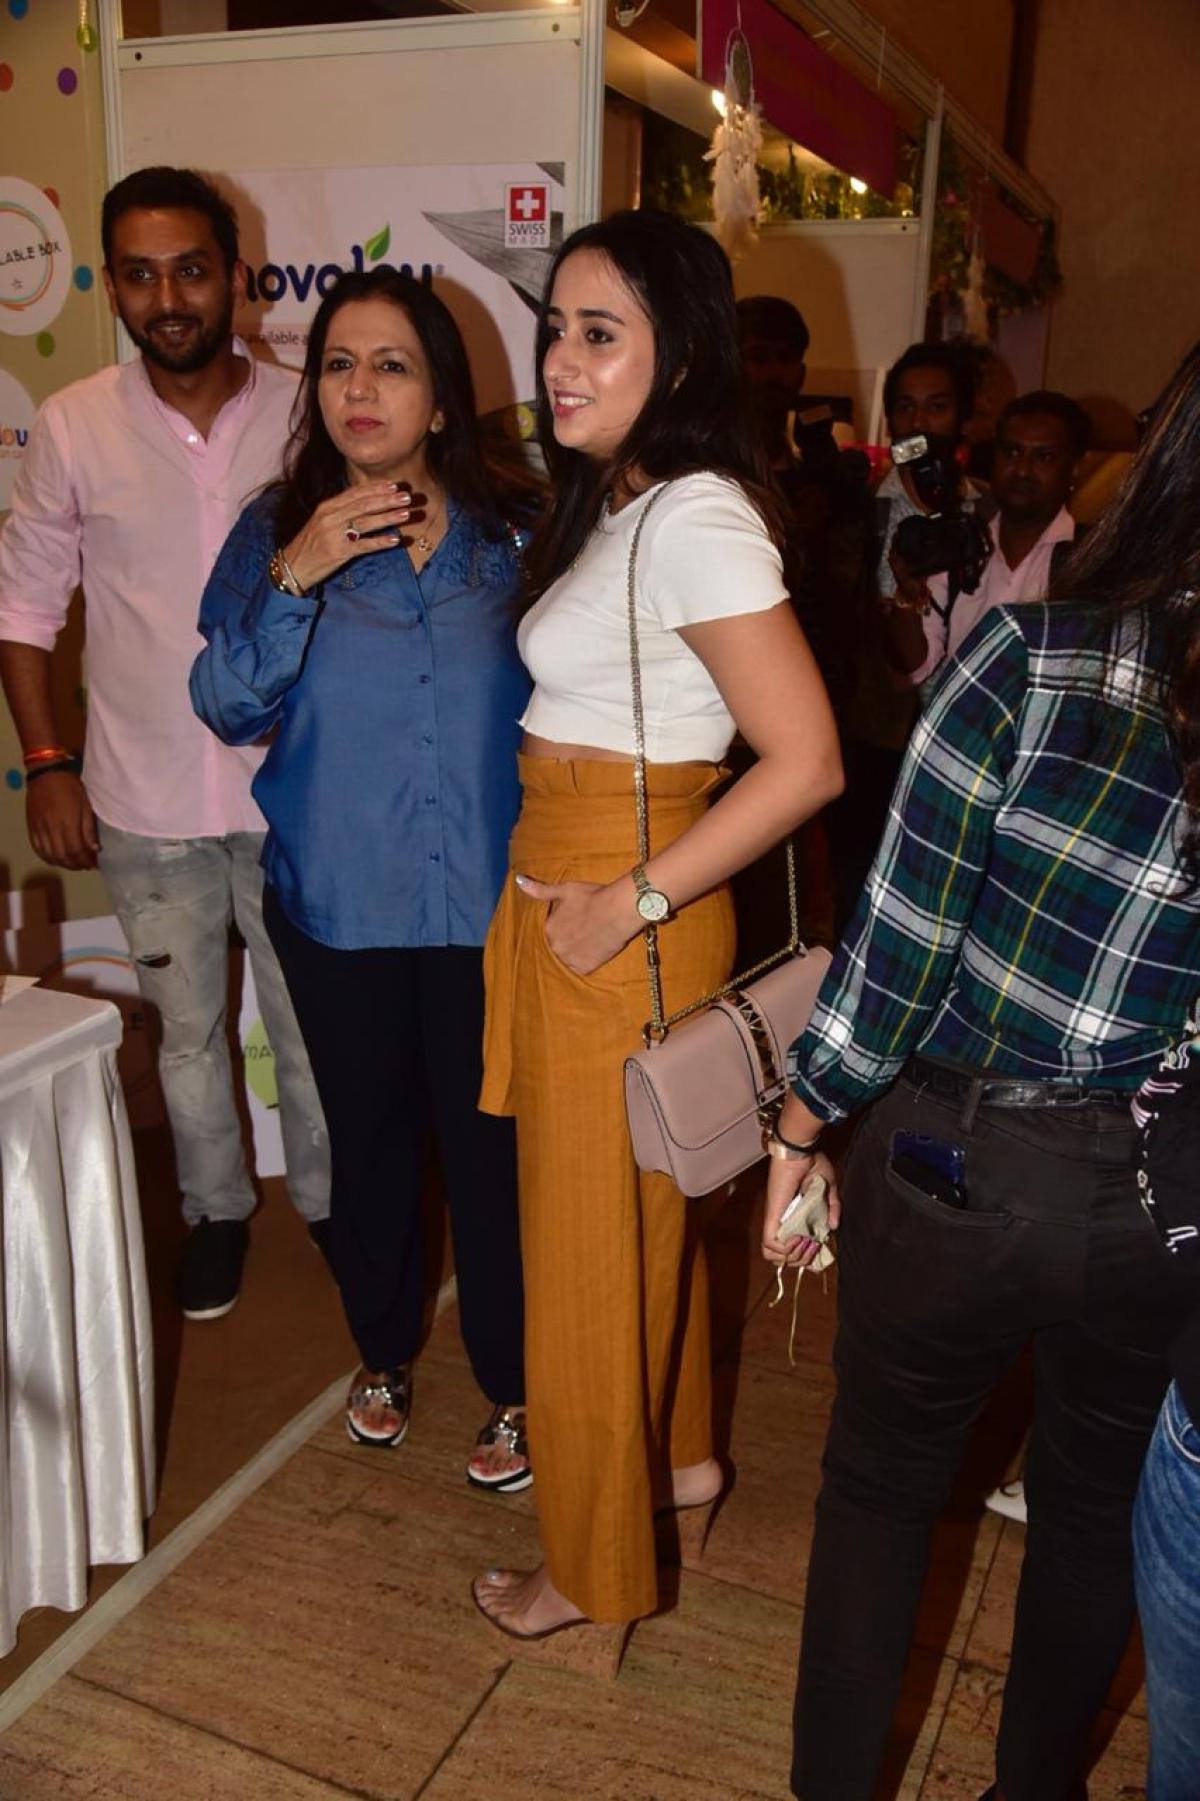 Varun Dhawan's girlfriend Natasha Dalal spotted at an event in Mumbai.